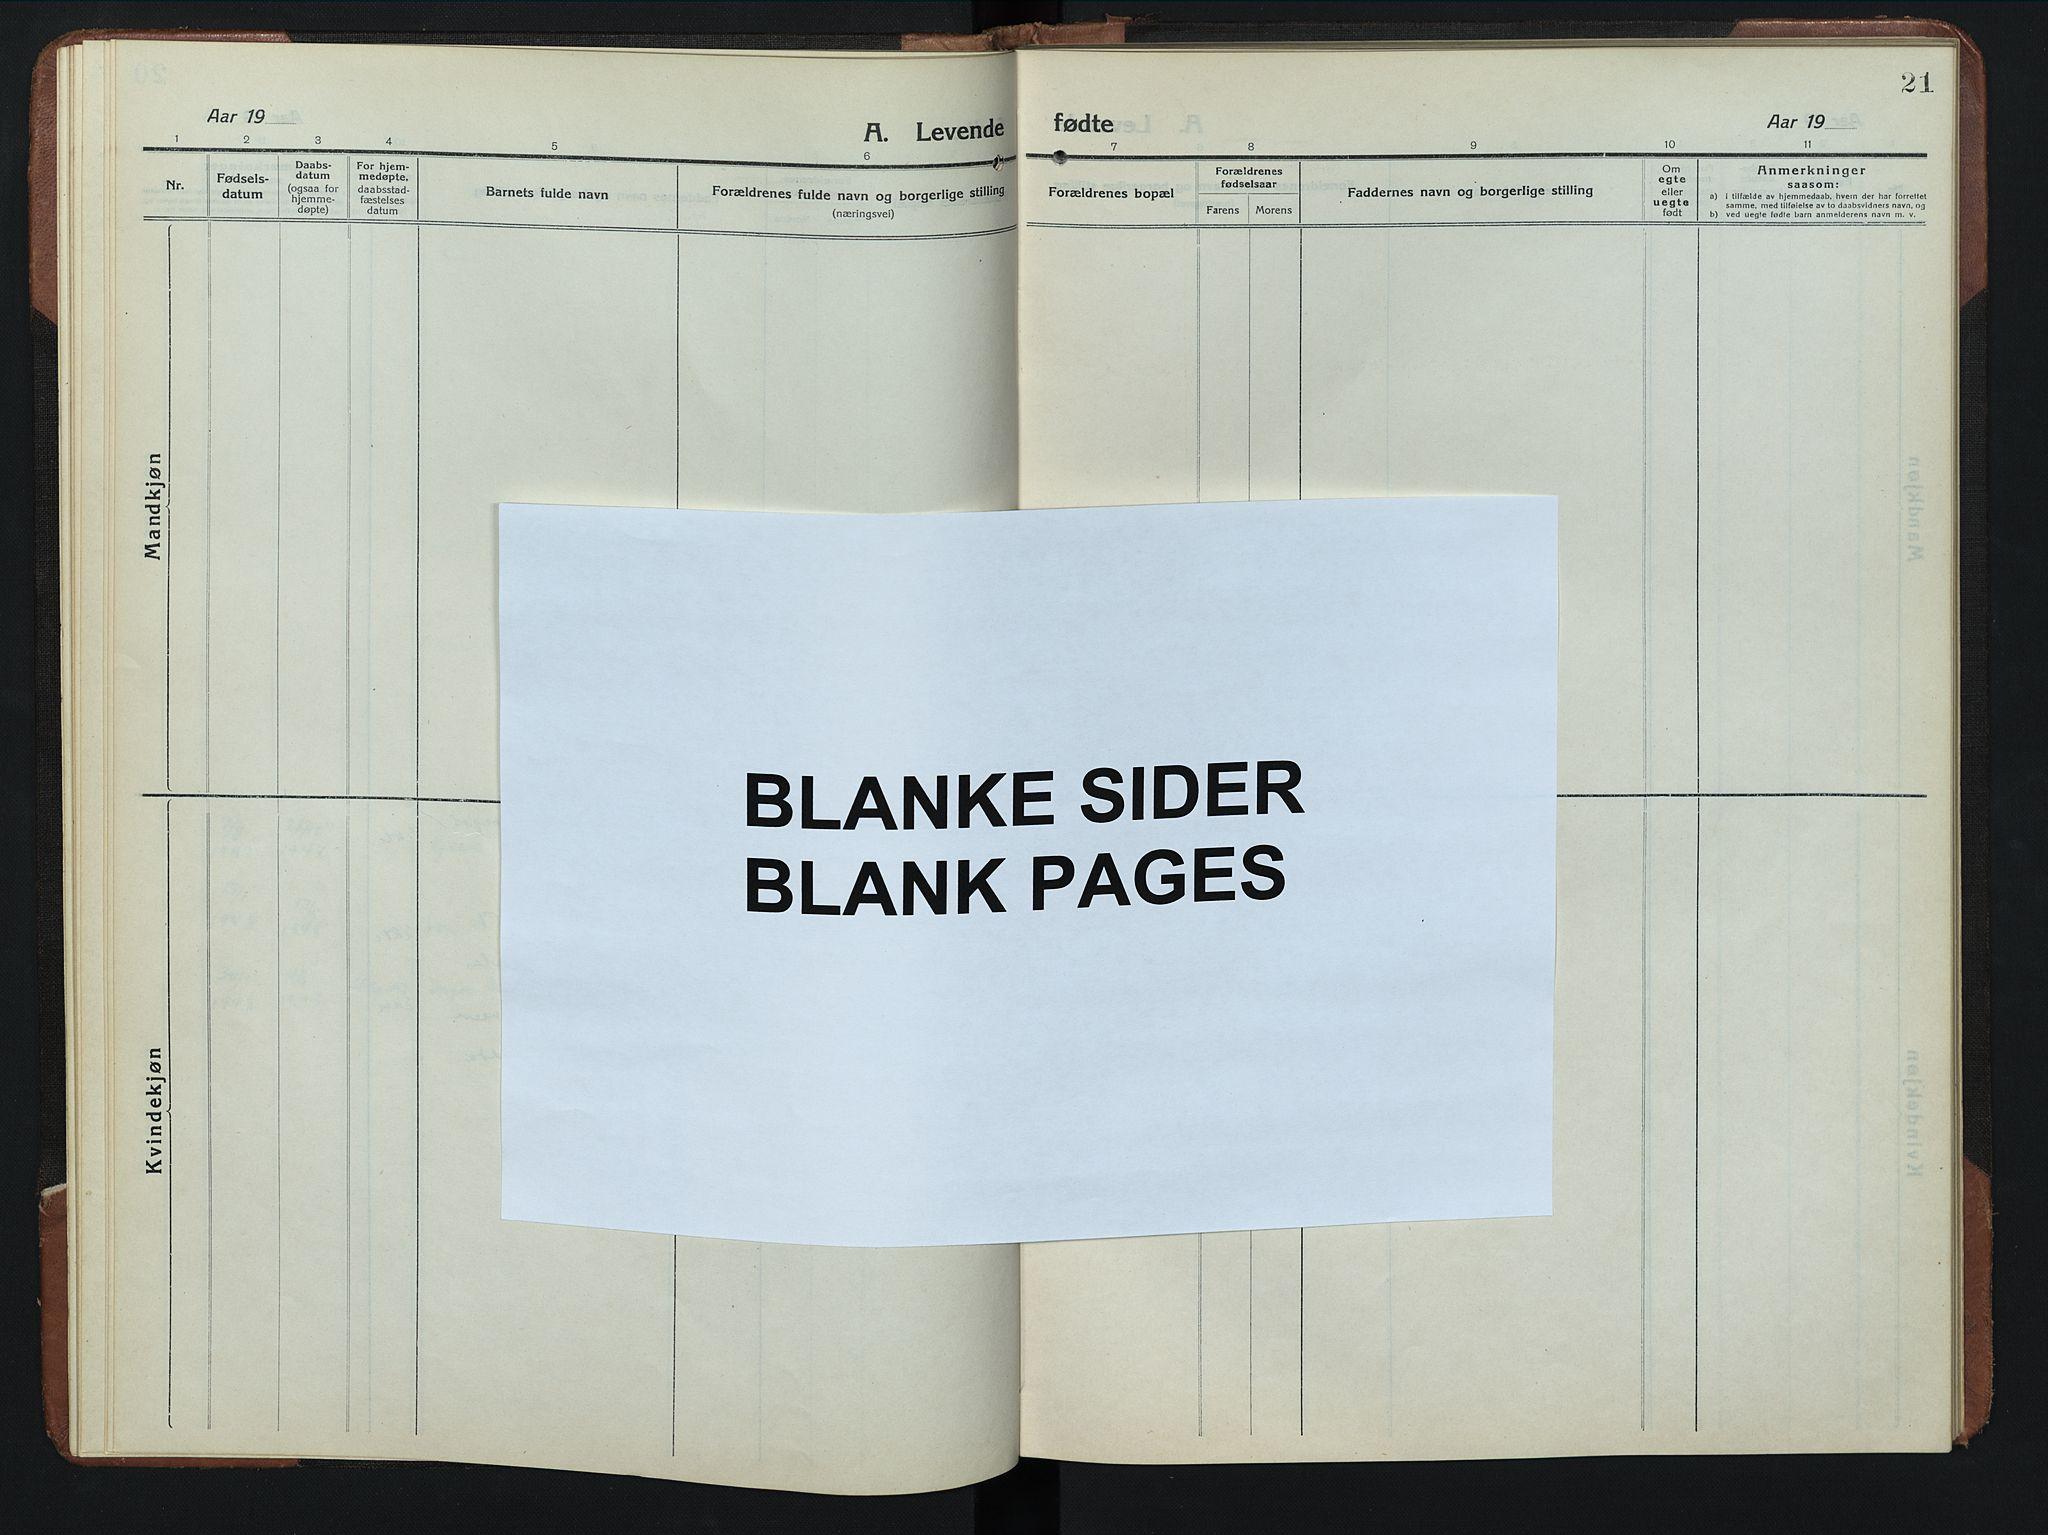 SAH, Rendalen prestekontor, H/Ha/Hab/L0008: Klokkerbok nr. 8, 1914-1948, s. 21